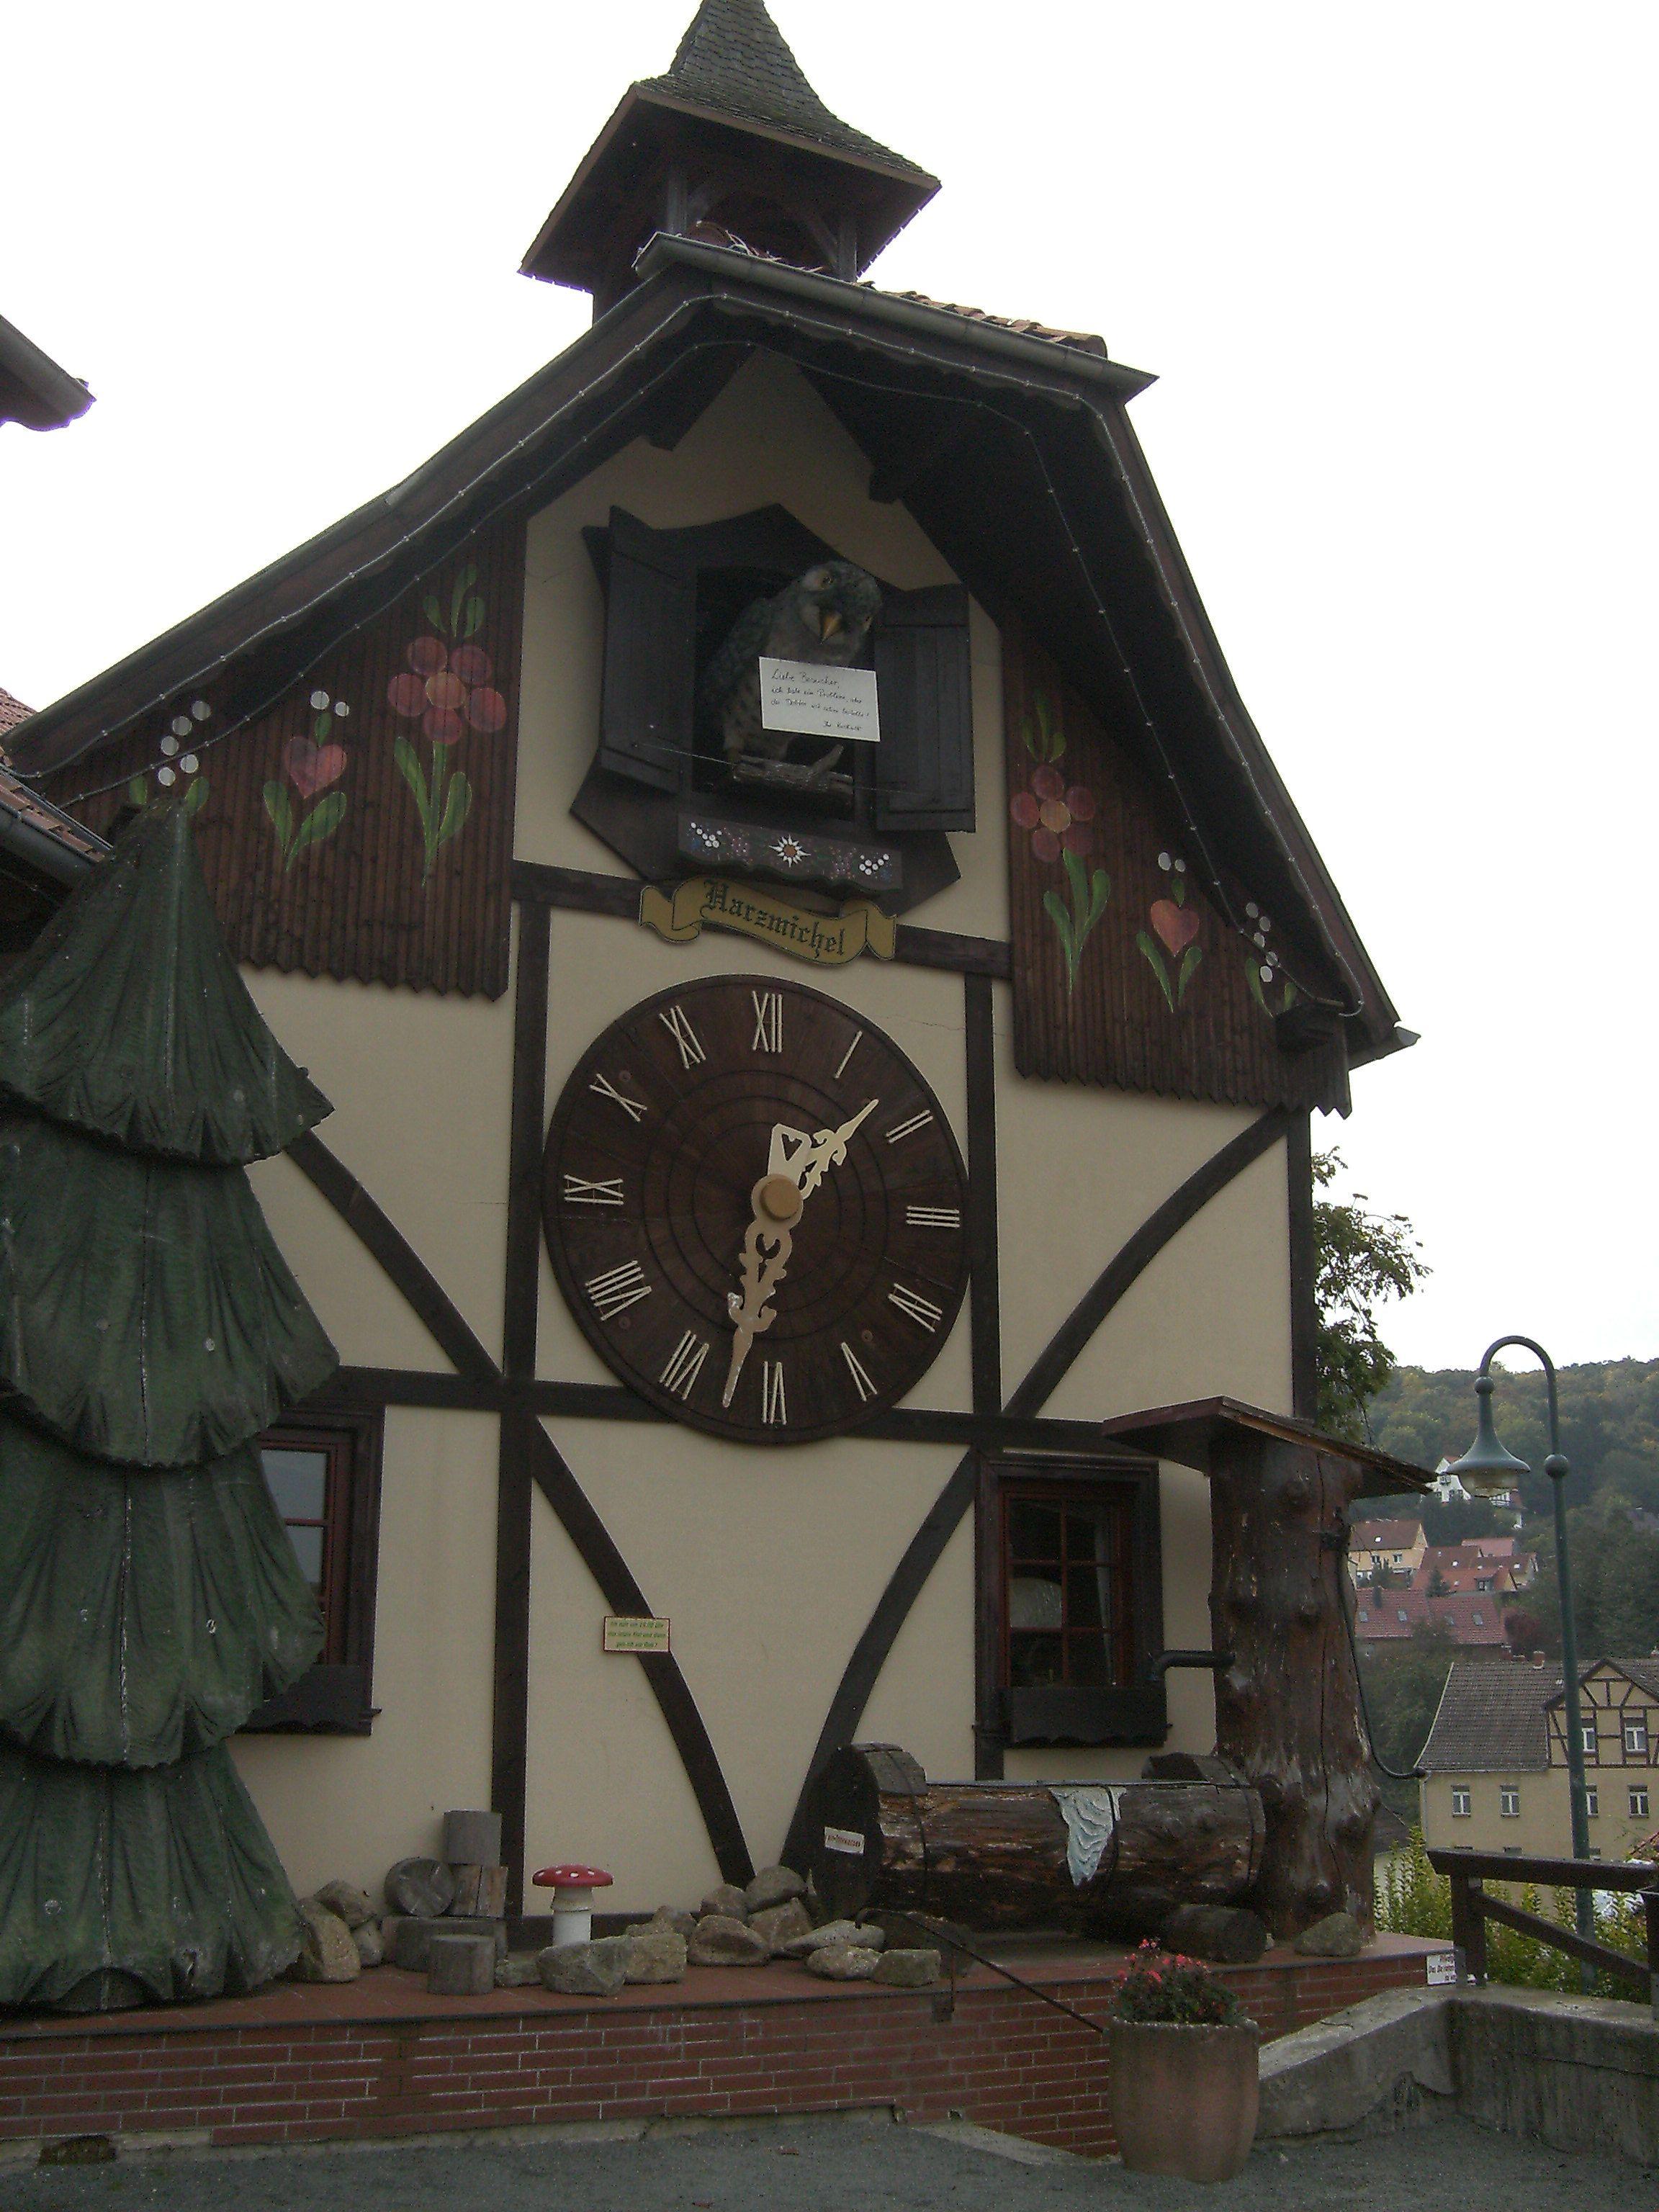 Grootste koekoeksklok van Noord-Duitsland : Gernrode.